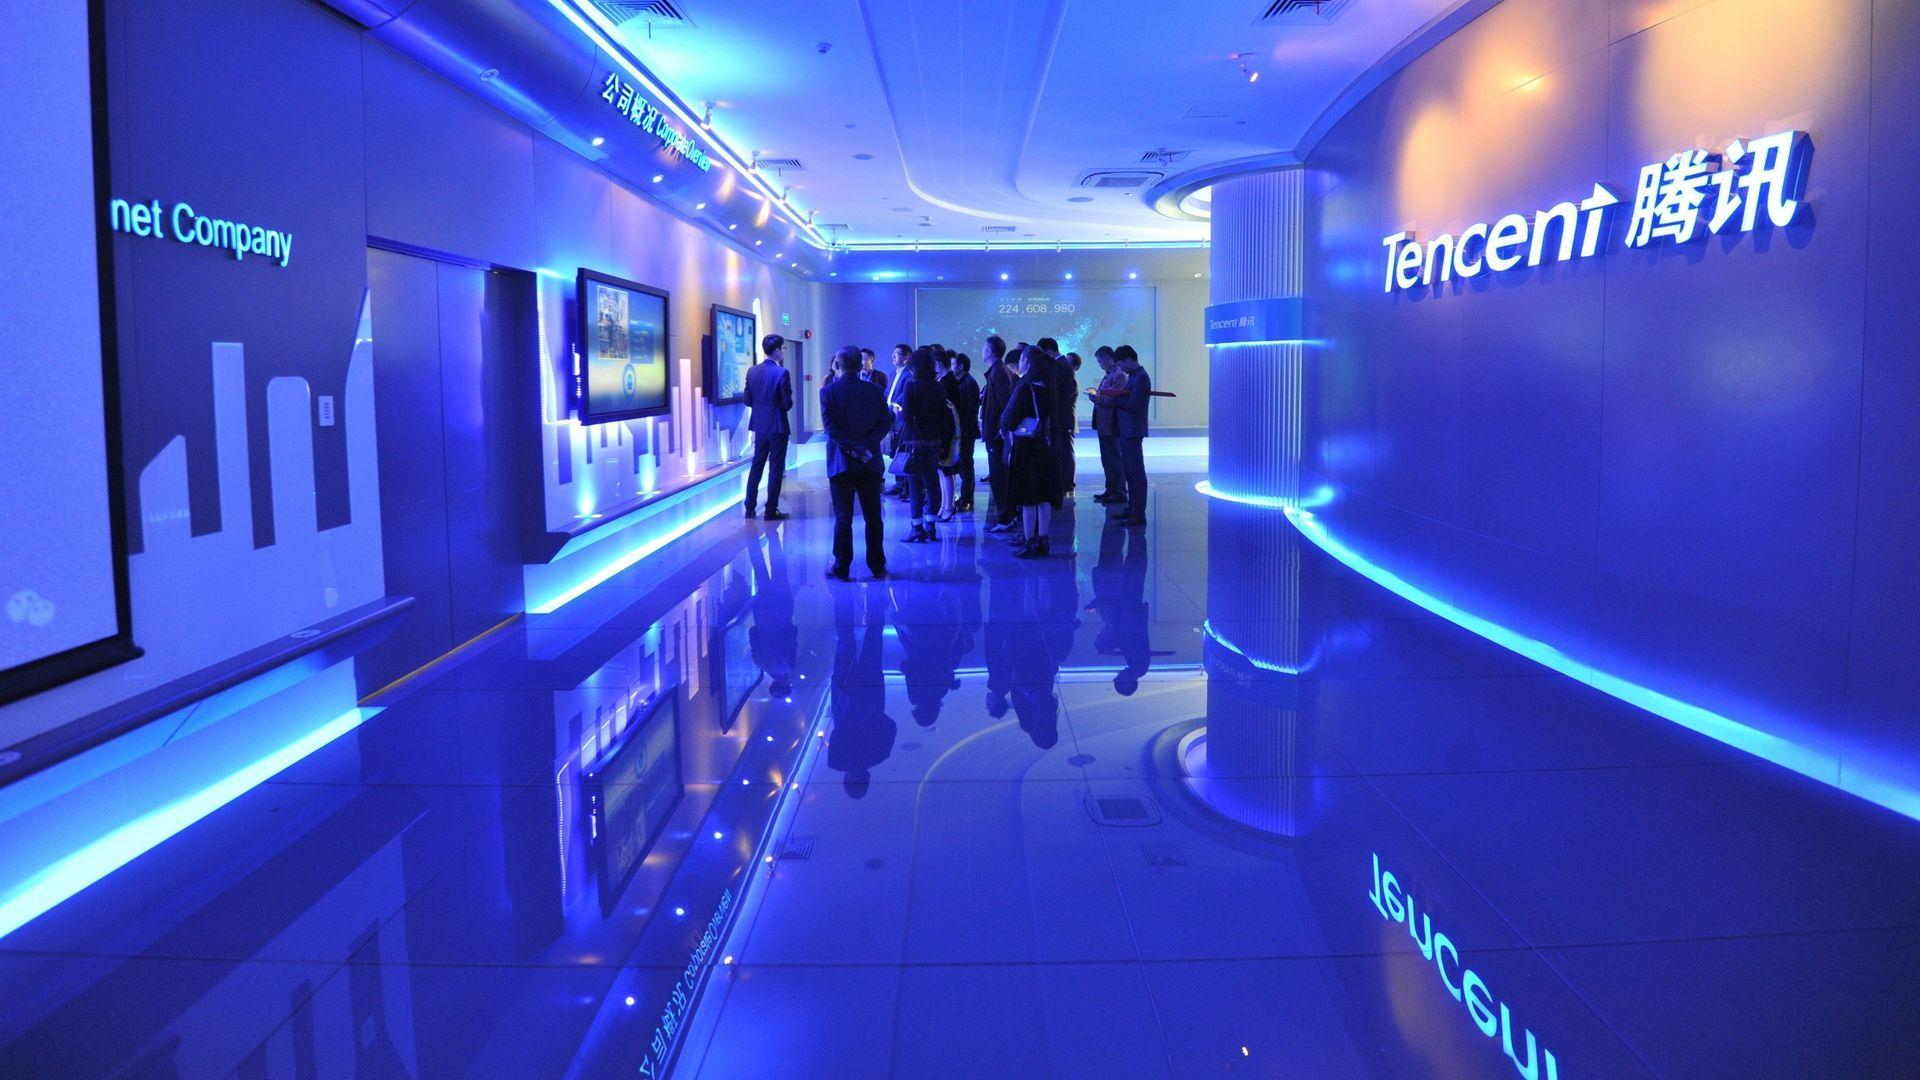 Tencent-NintendOn